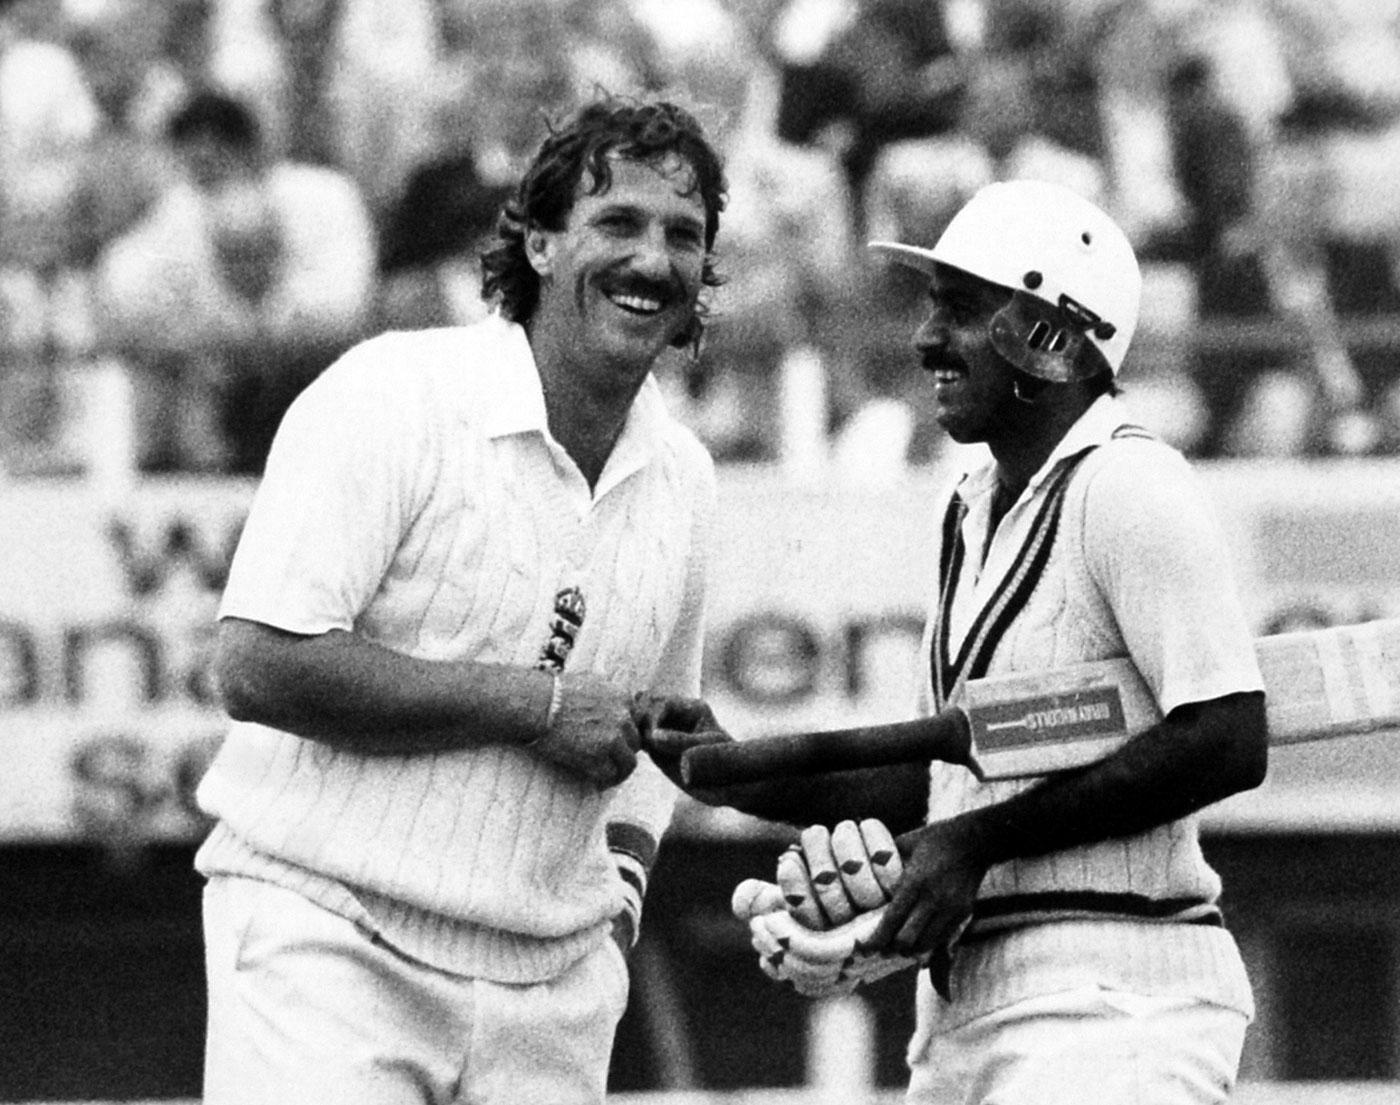 Ian-Botham-Javed-Miandad-1987